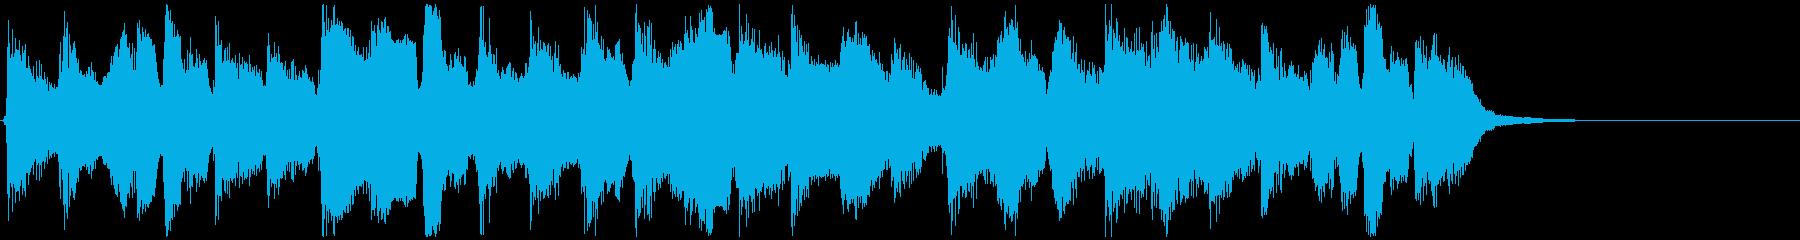 のほほんとした可愛いリコーダージングルの再生済みの波形